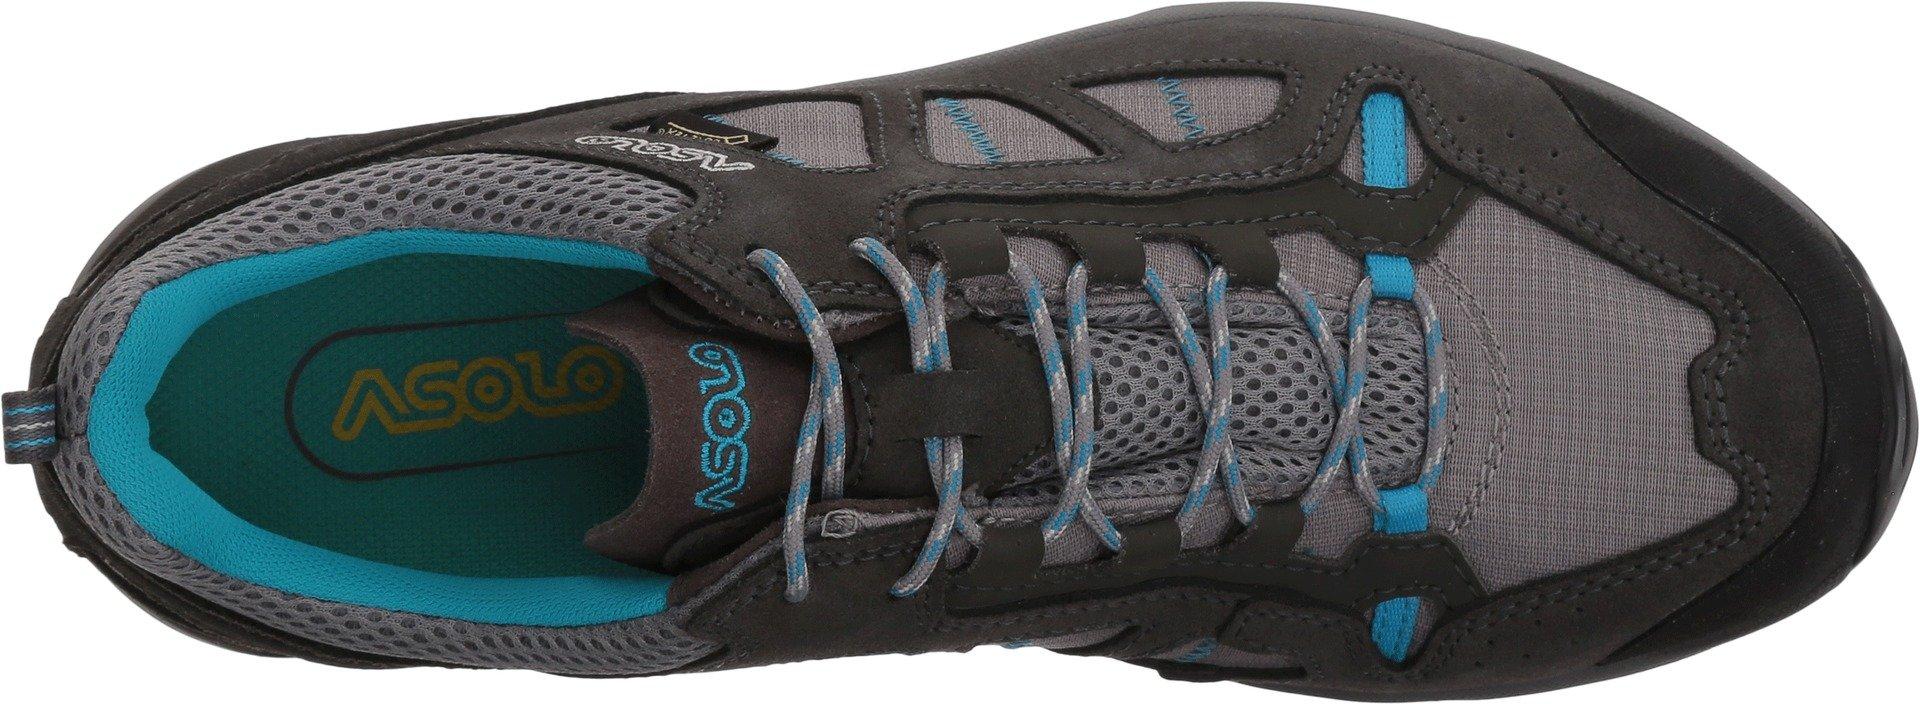 Asolo Women's Megaton GV Hiking Shoe Graphite Stone/Cyan Blue - 7.5 by Asolo (Image #2)